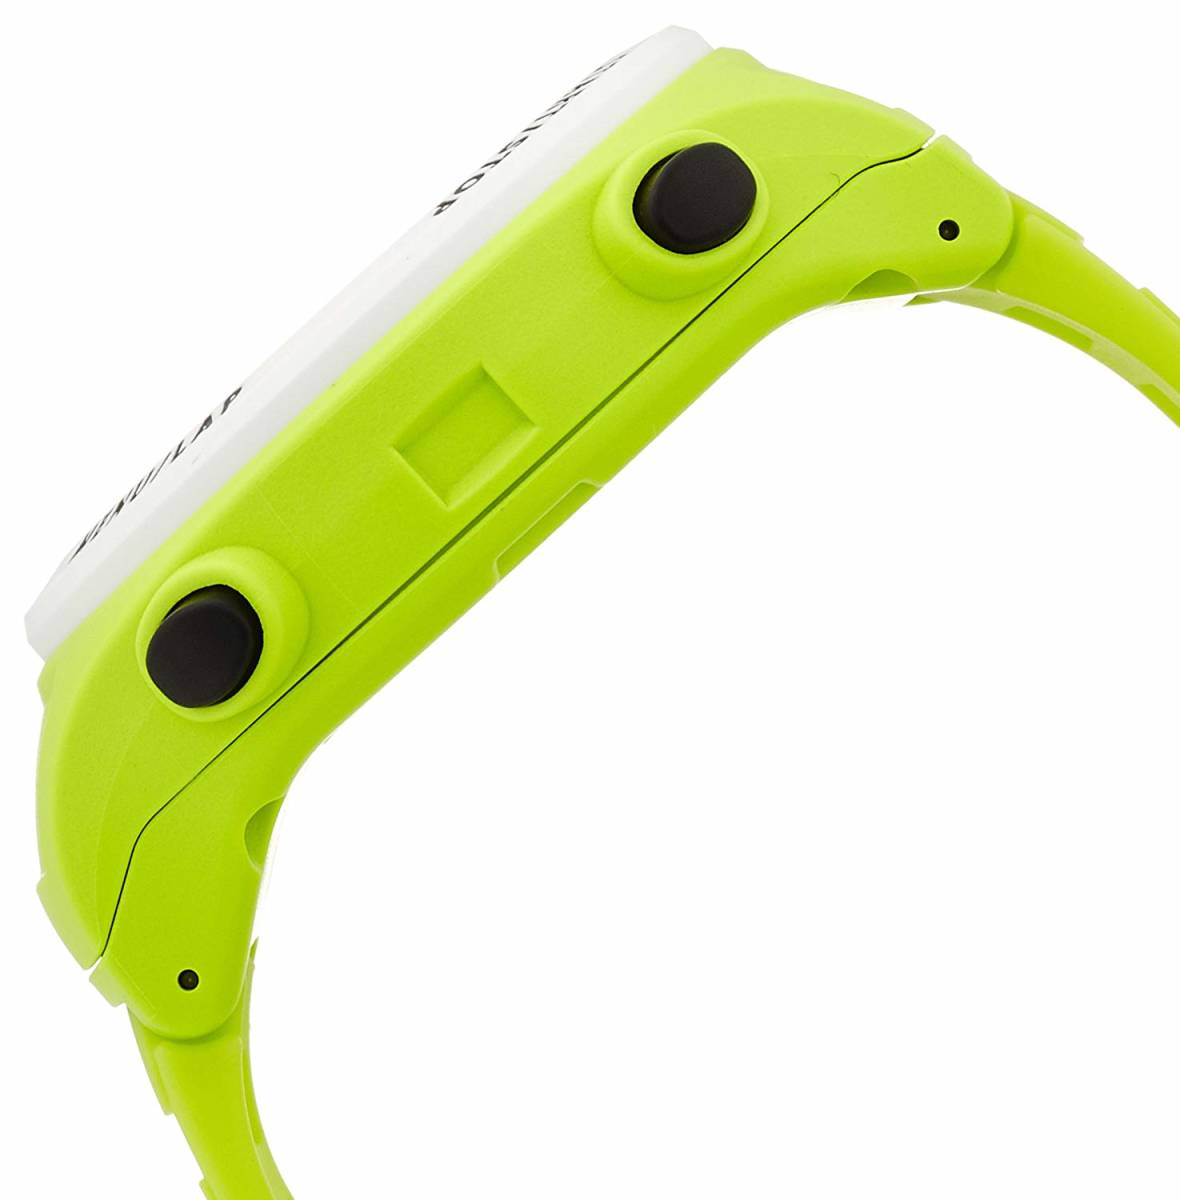 ★最終値下げ&送料無料★EPSON Wristable GPS 腕時計 GPS機能付 SF-110G お安く即決!_画像5